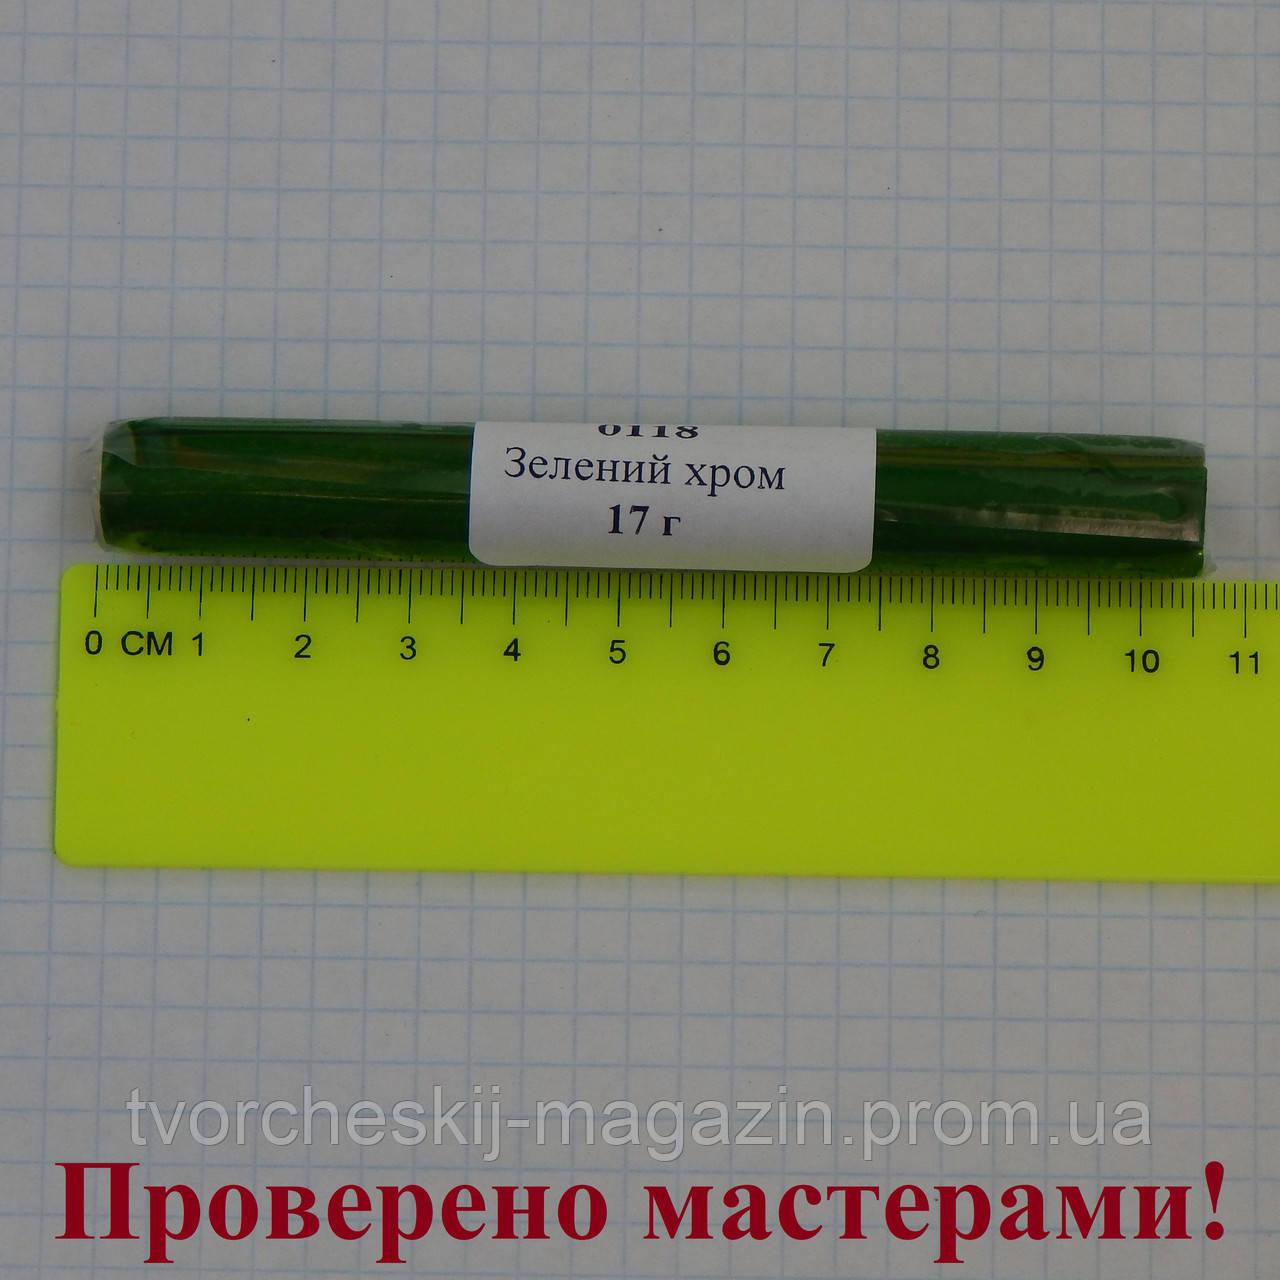 Полимерная глина Пластишка, цвет зеленый хром 17 г.